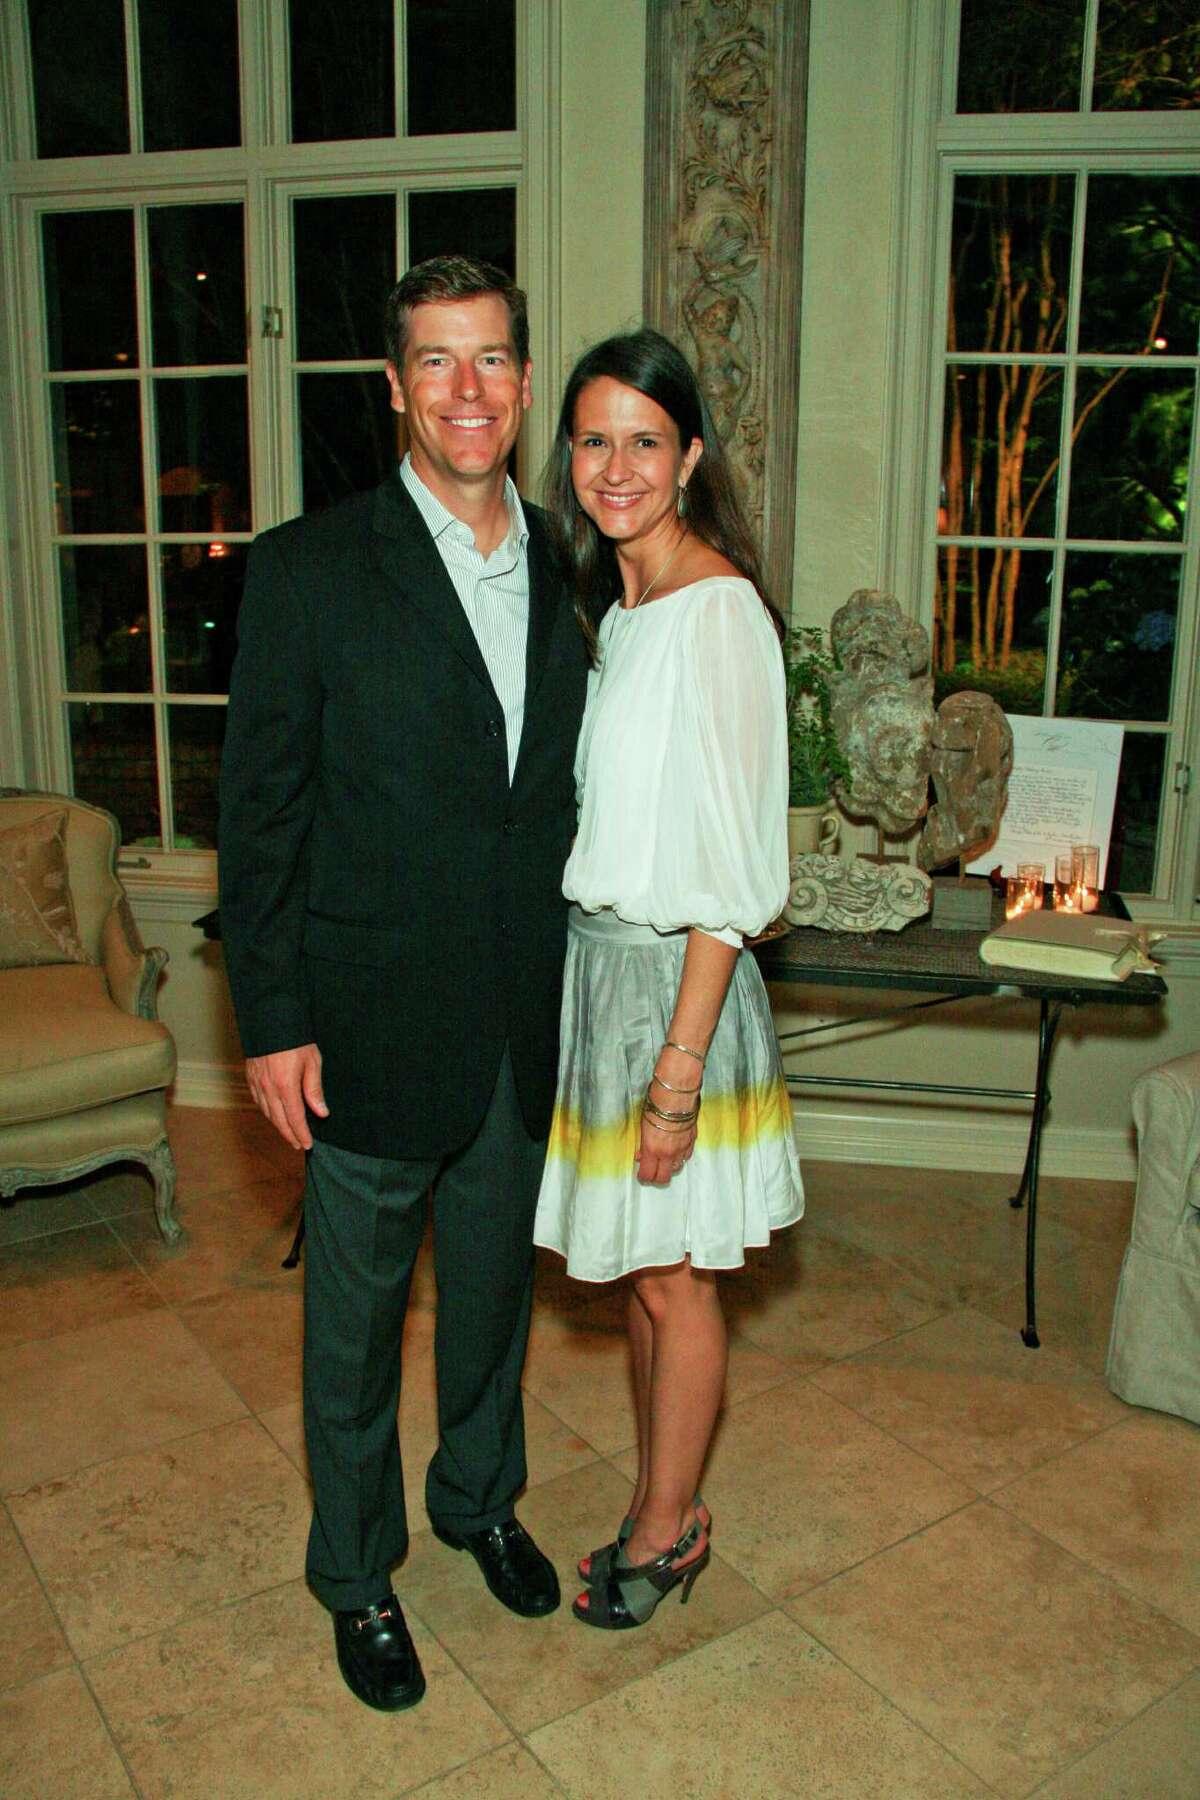 Kristi and Rex Whiteside